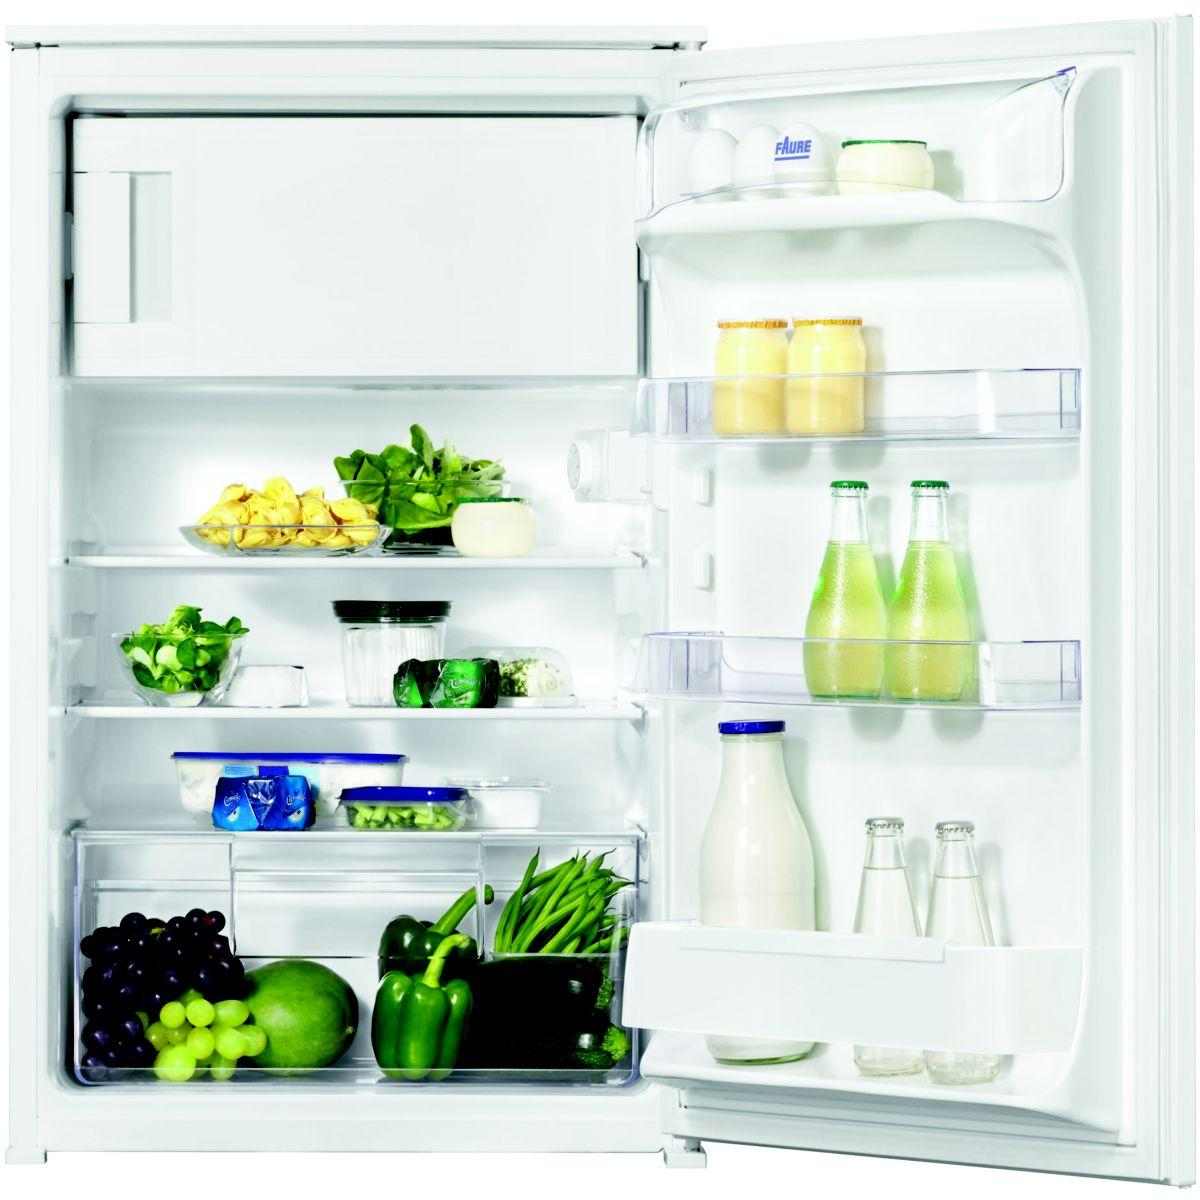 Réfrigérateur encastrable faure fba14421sa - 2% de remise immédiate avec le code : cool2 (photo)